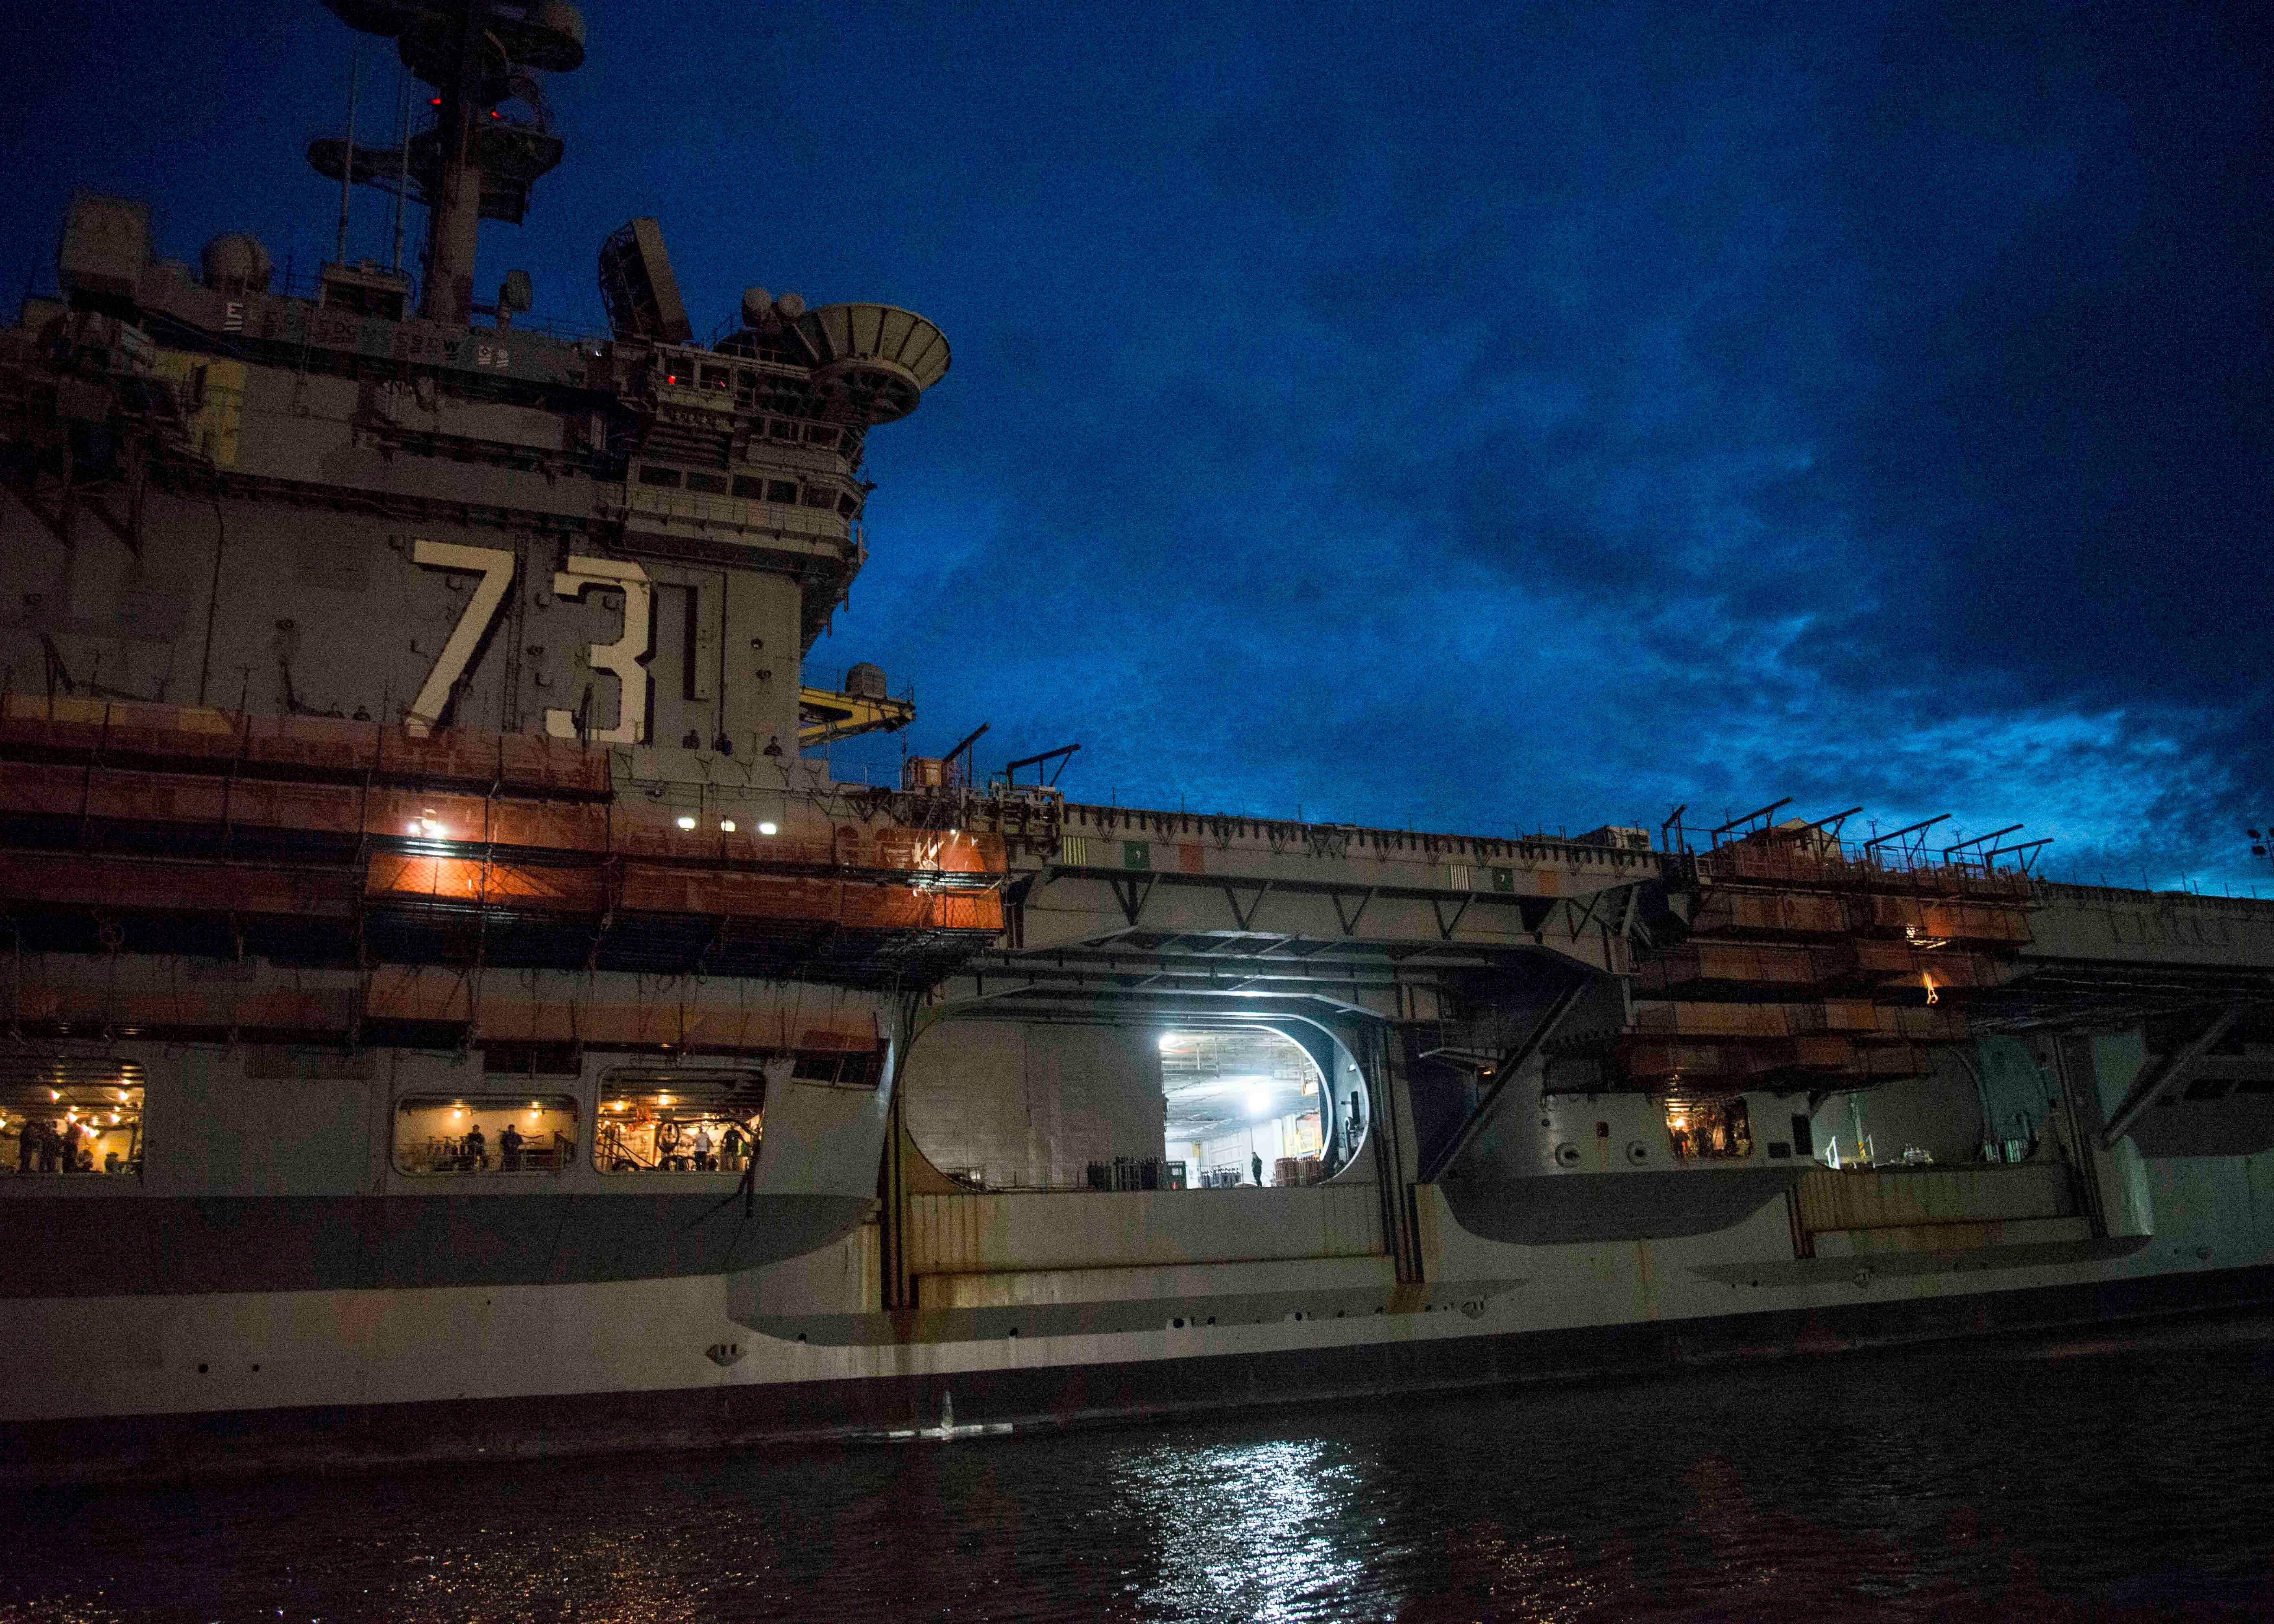 USS George Washington Begins Midlife Refueling, Overhaul